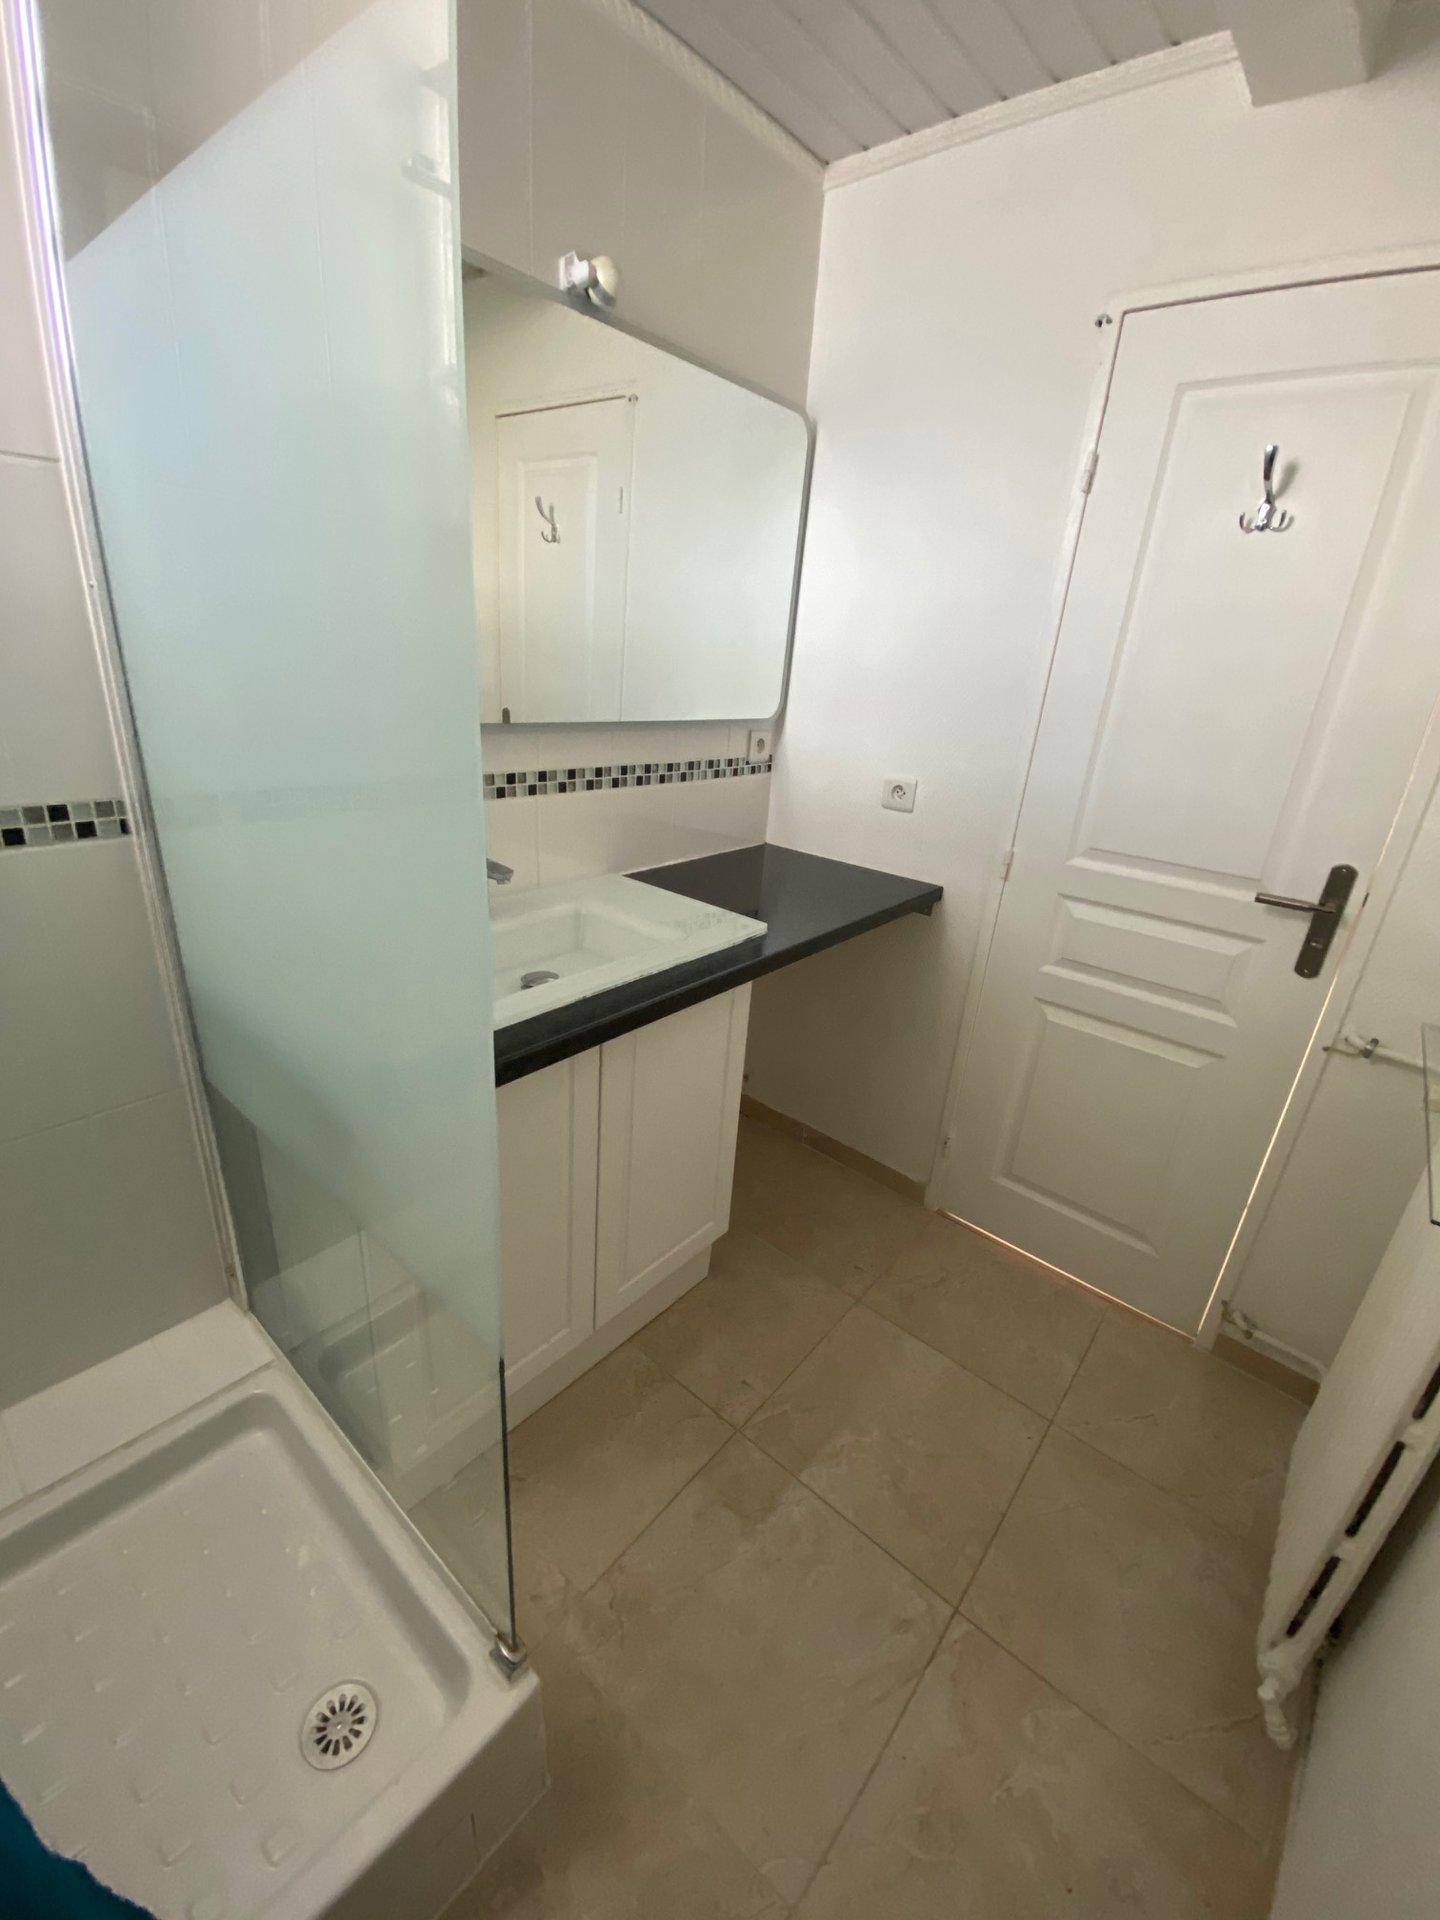 Rental Apartment - Colombes Gabril Péri - Estienne d'Orves